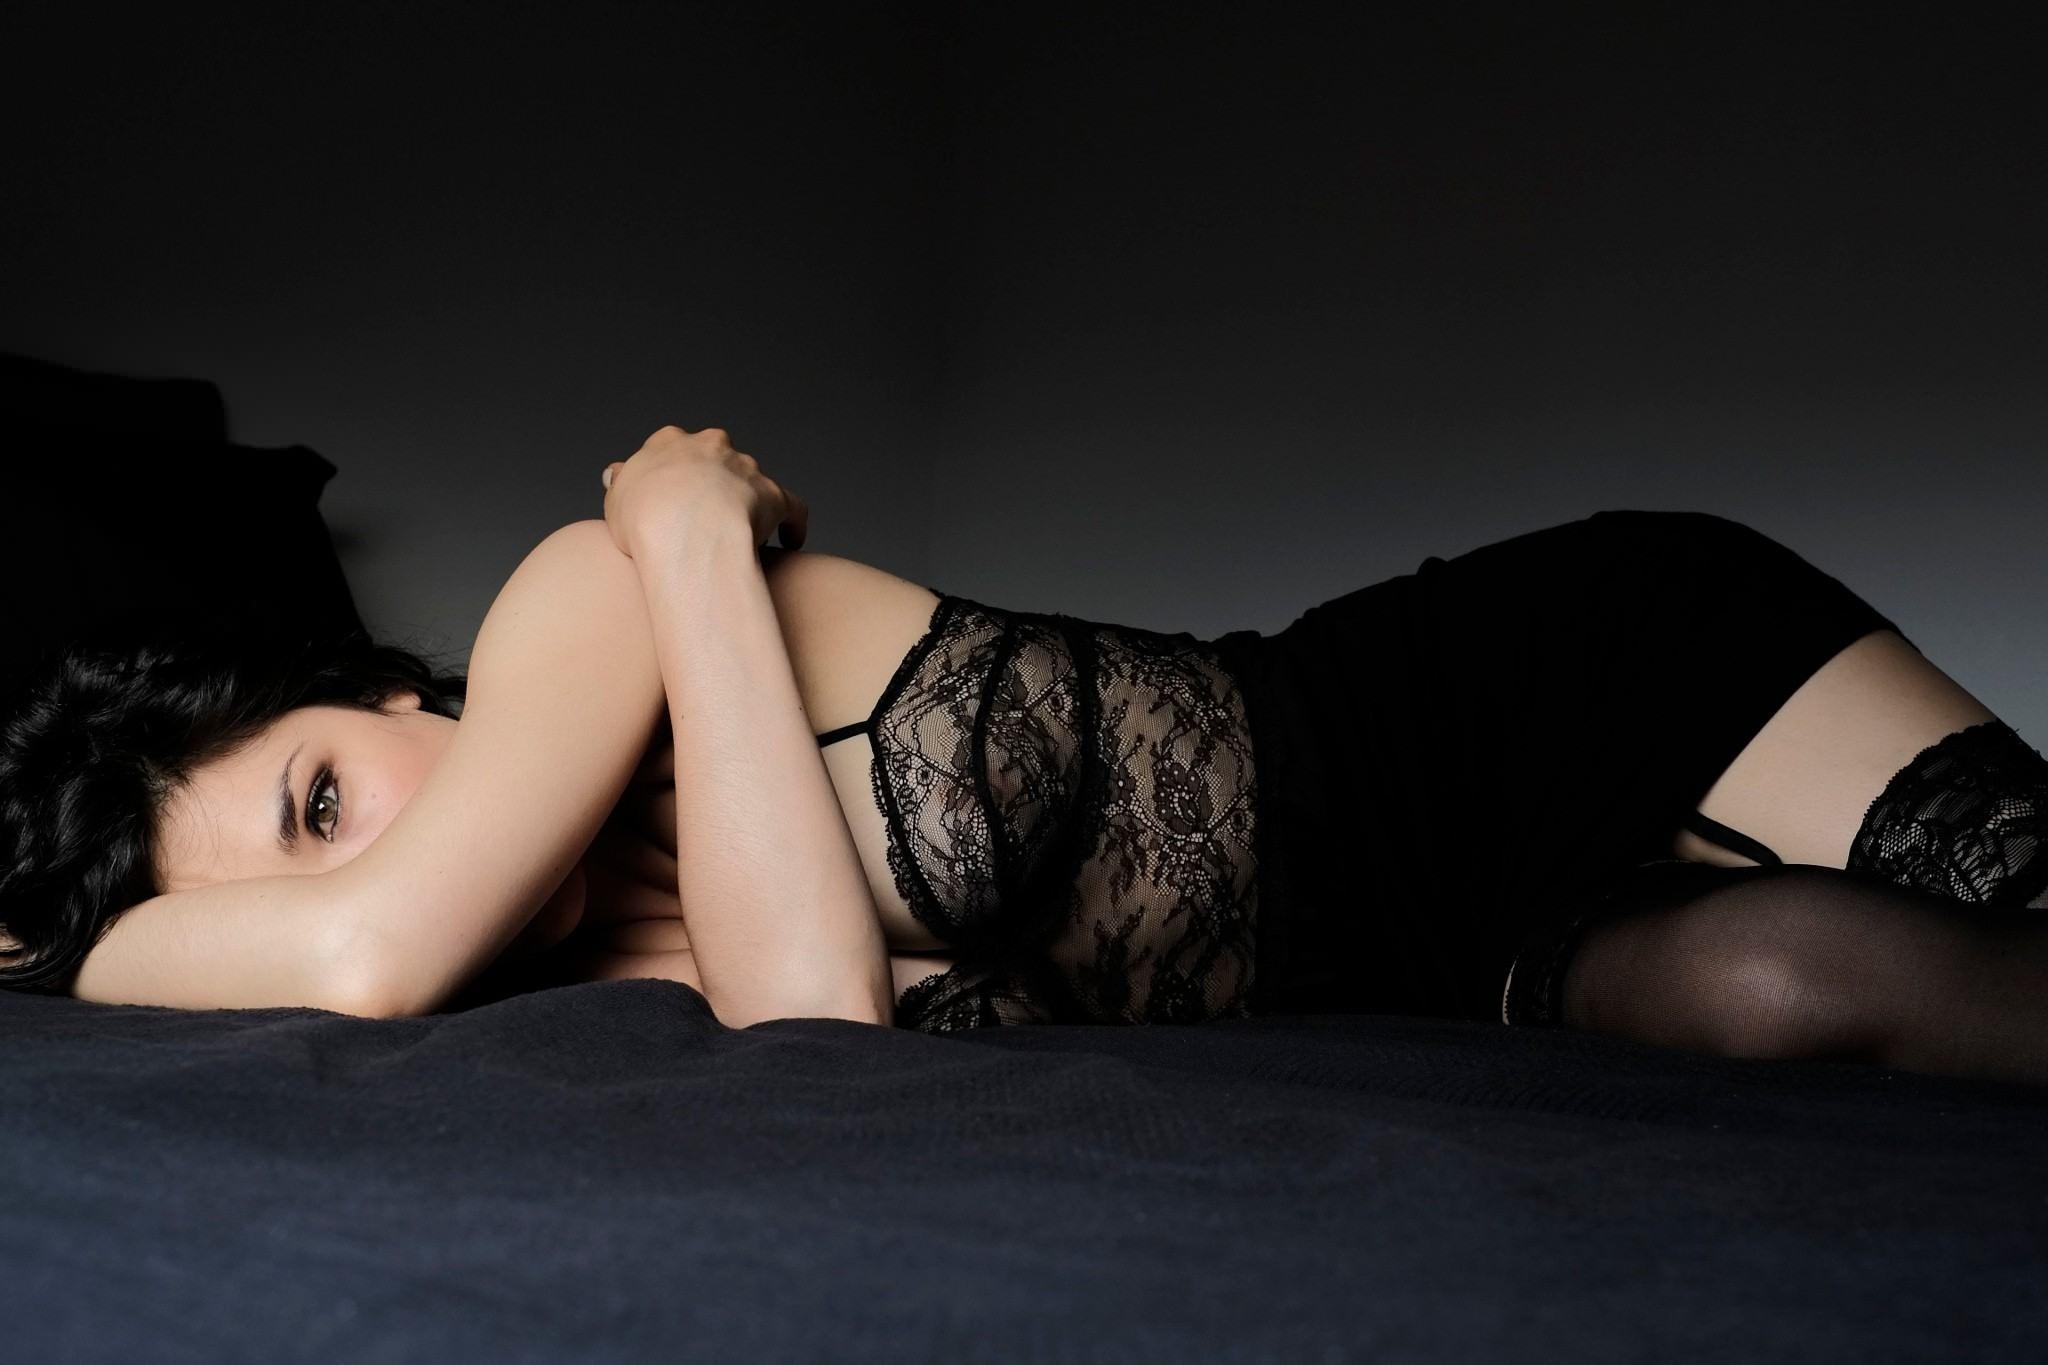 Фото Страстная брюнетка в черном эротическом белье и чулочках, черная облегающая юбка, скачать картинку бесплатно